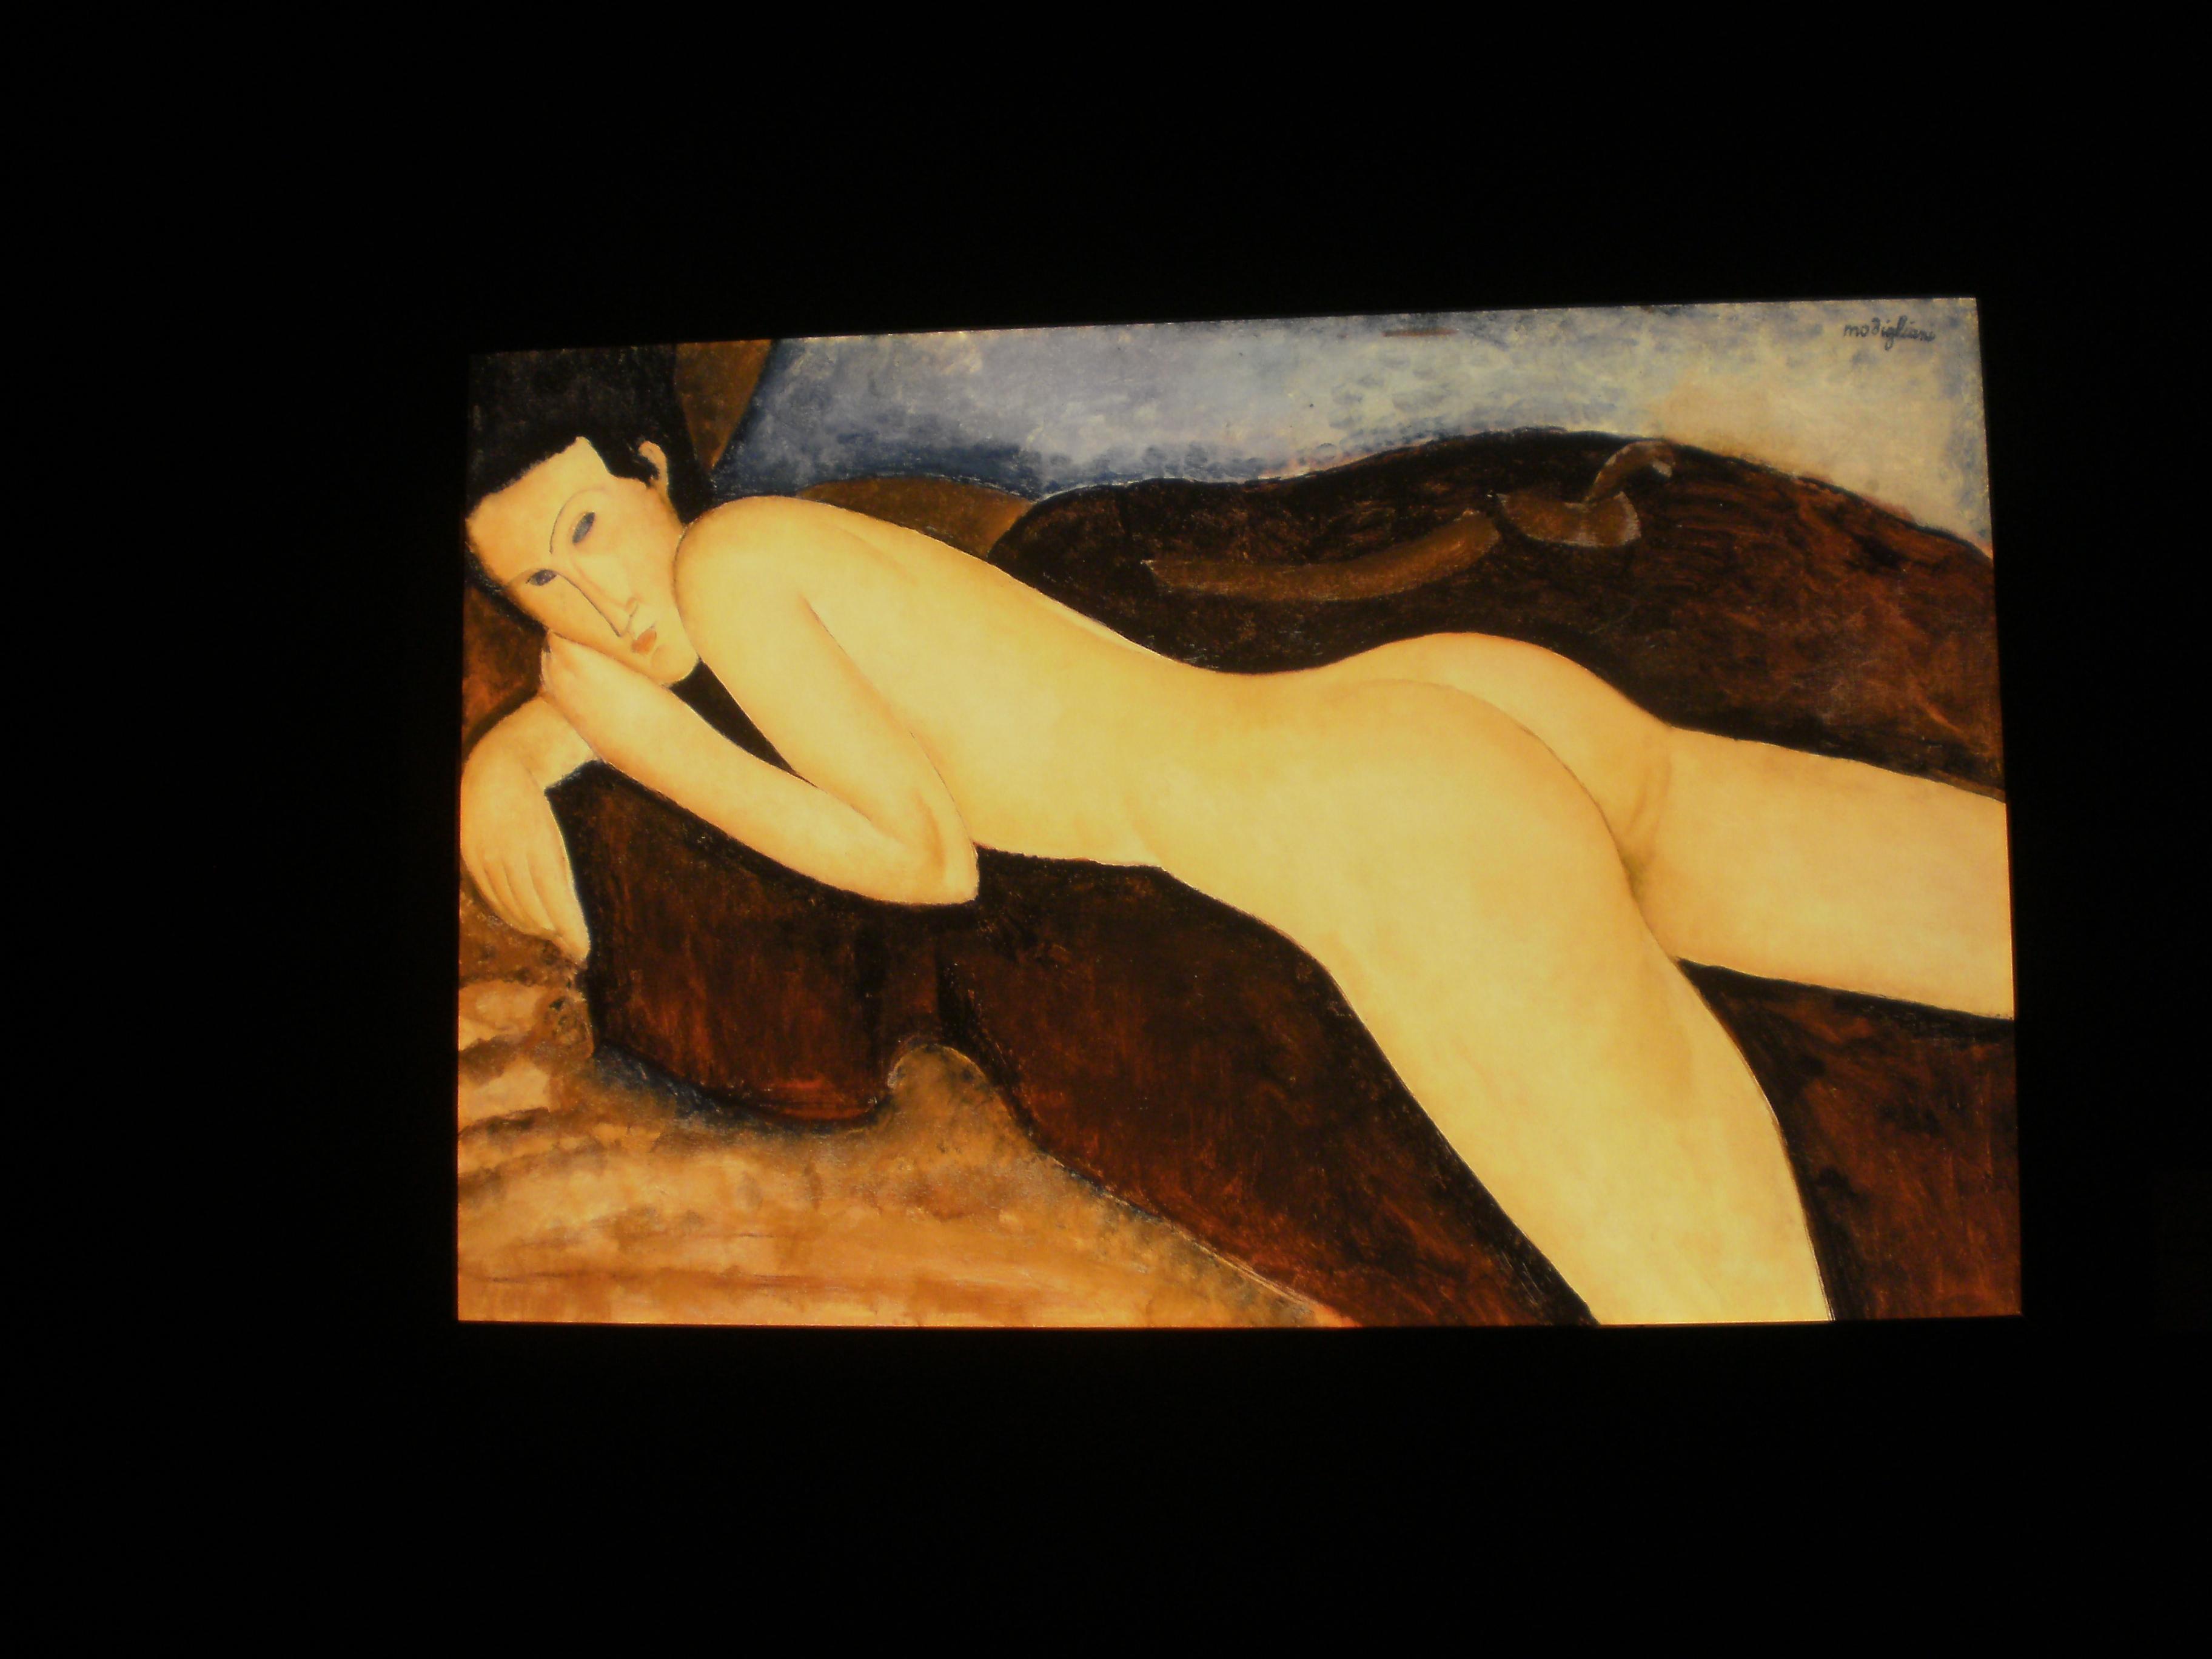 Les Femmes di Modigliani